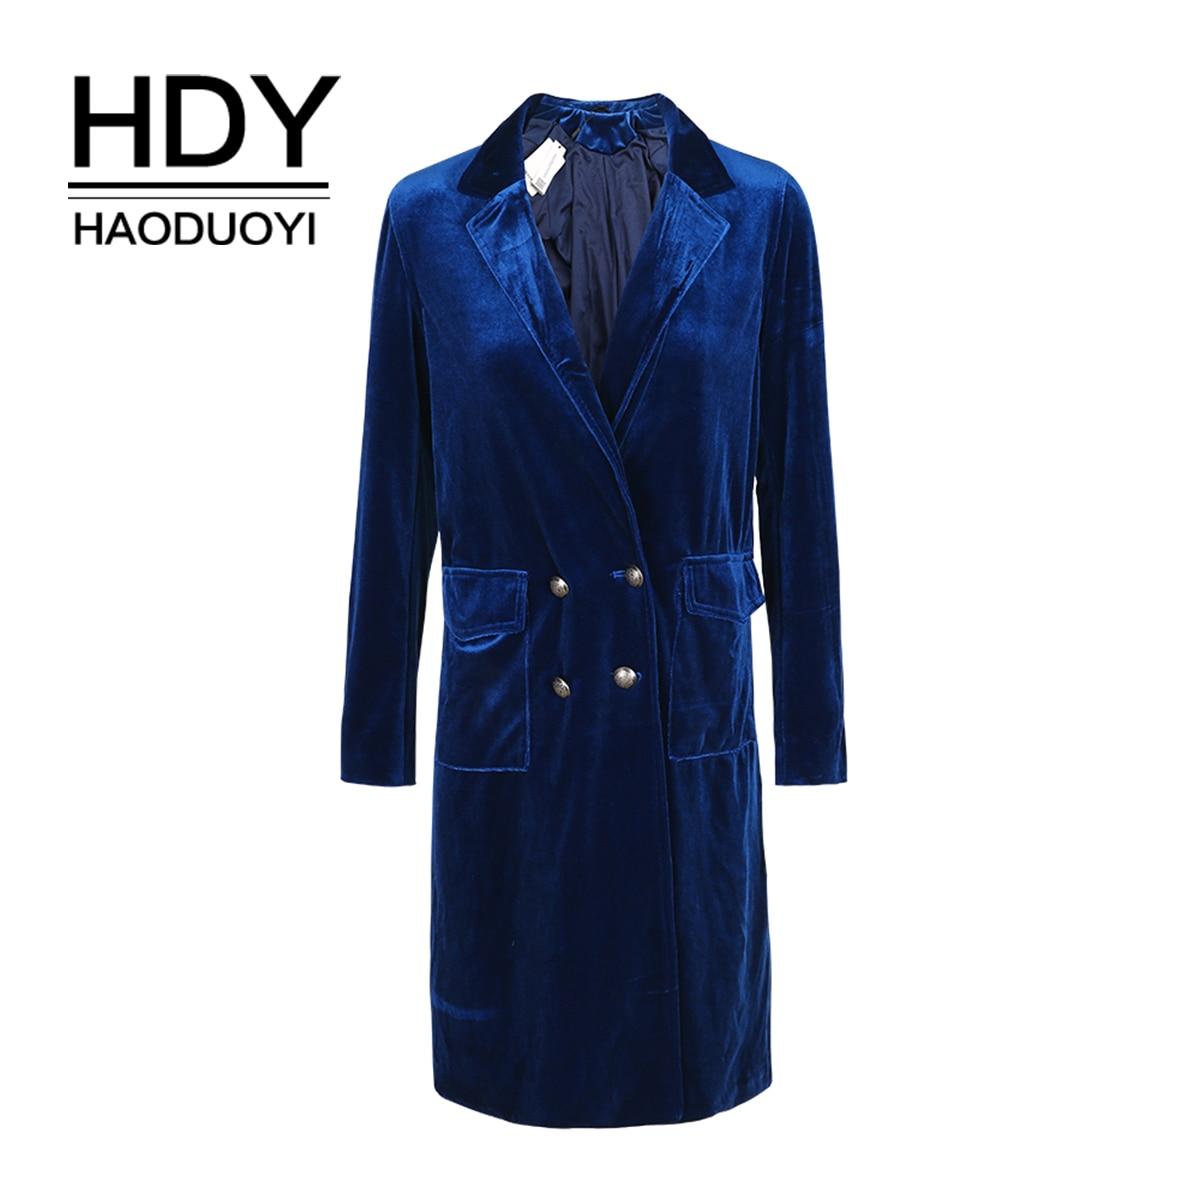 HDY Haoduoyi Винтаж элегантный для женщин пальто двубортный тонкий Тренч Весна повседневное леди свободные бархат женская одежда